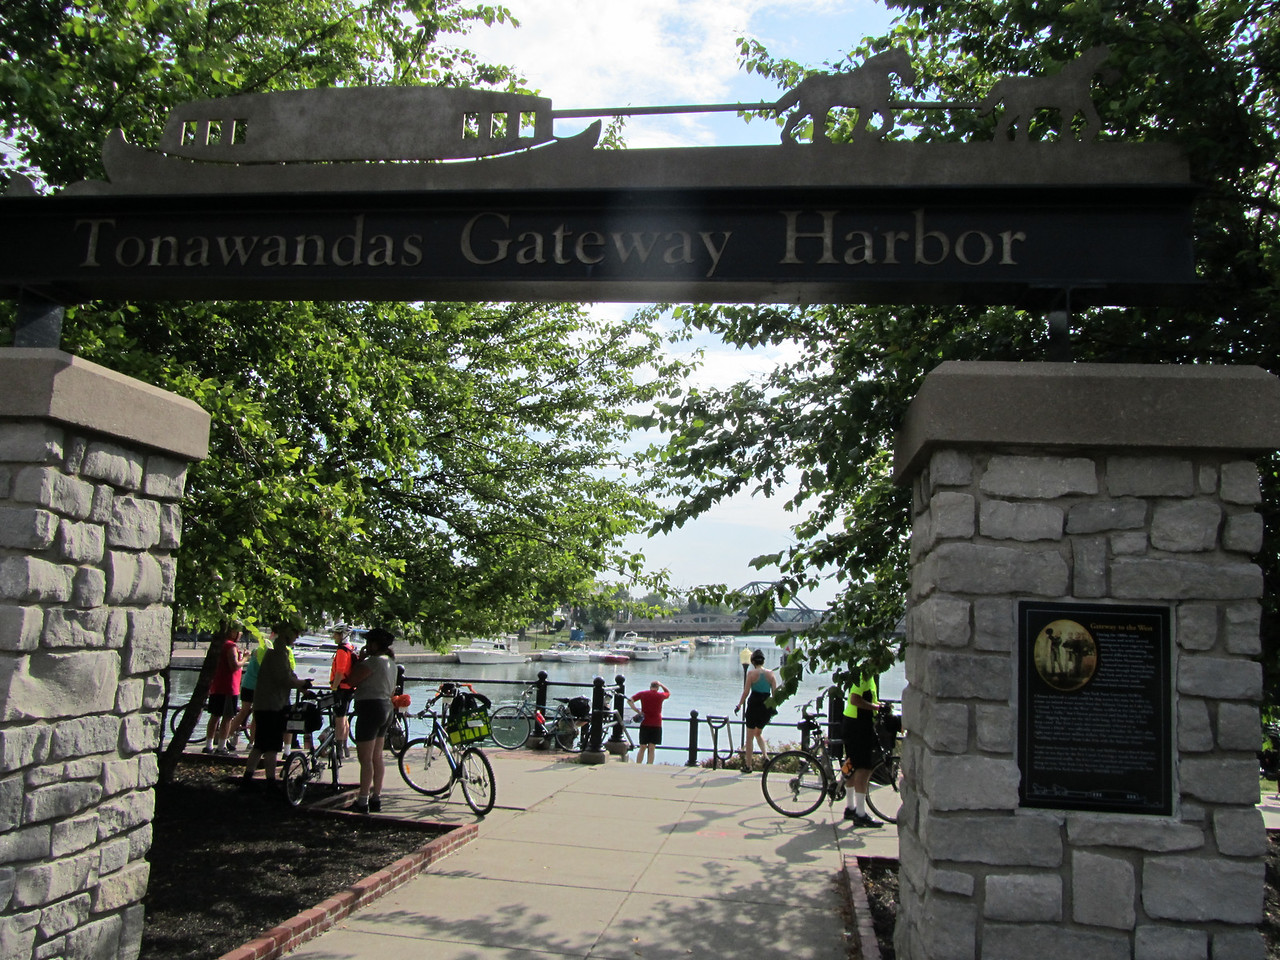 Tonawandas Gateway Harbor